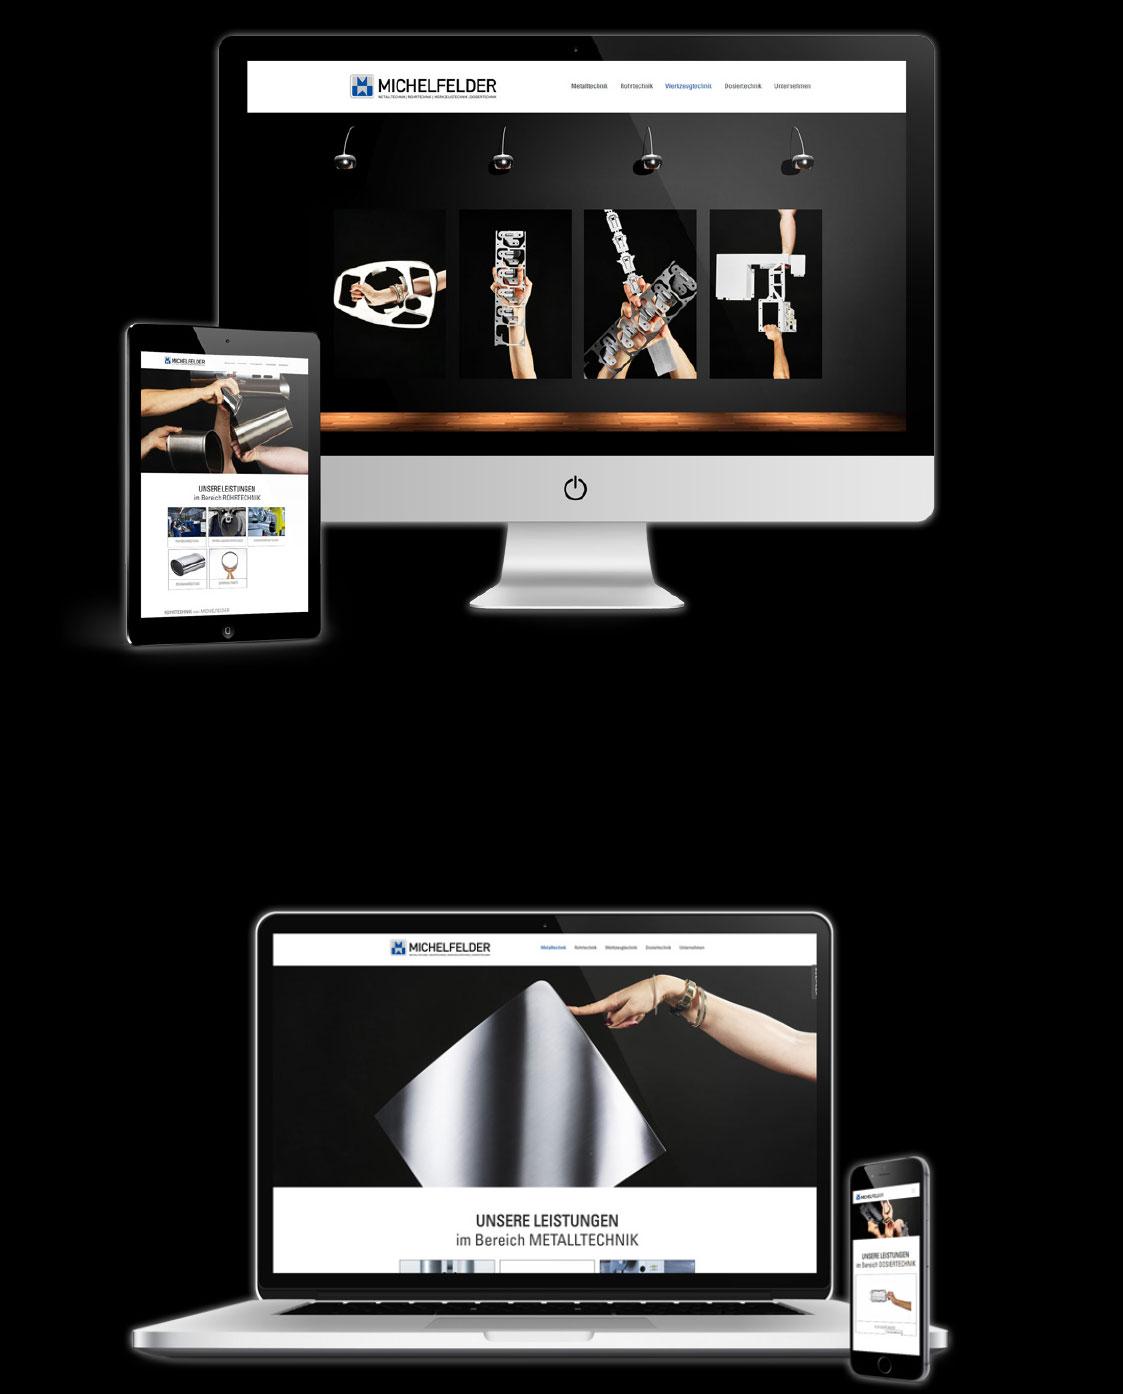 Vier Bildschirme auf denen die Webseite von MICHELFELDER abgebildet ist